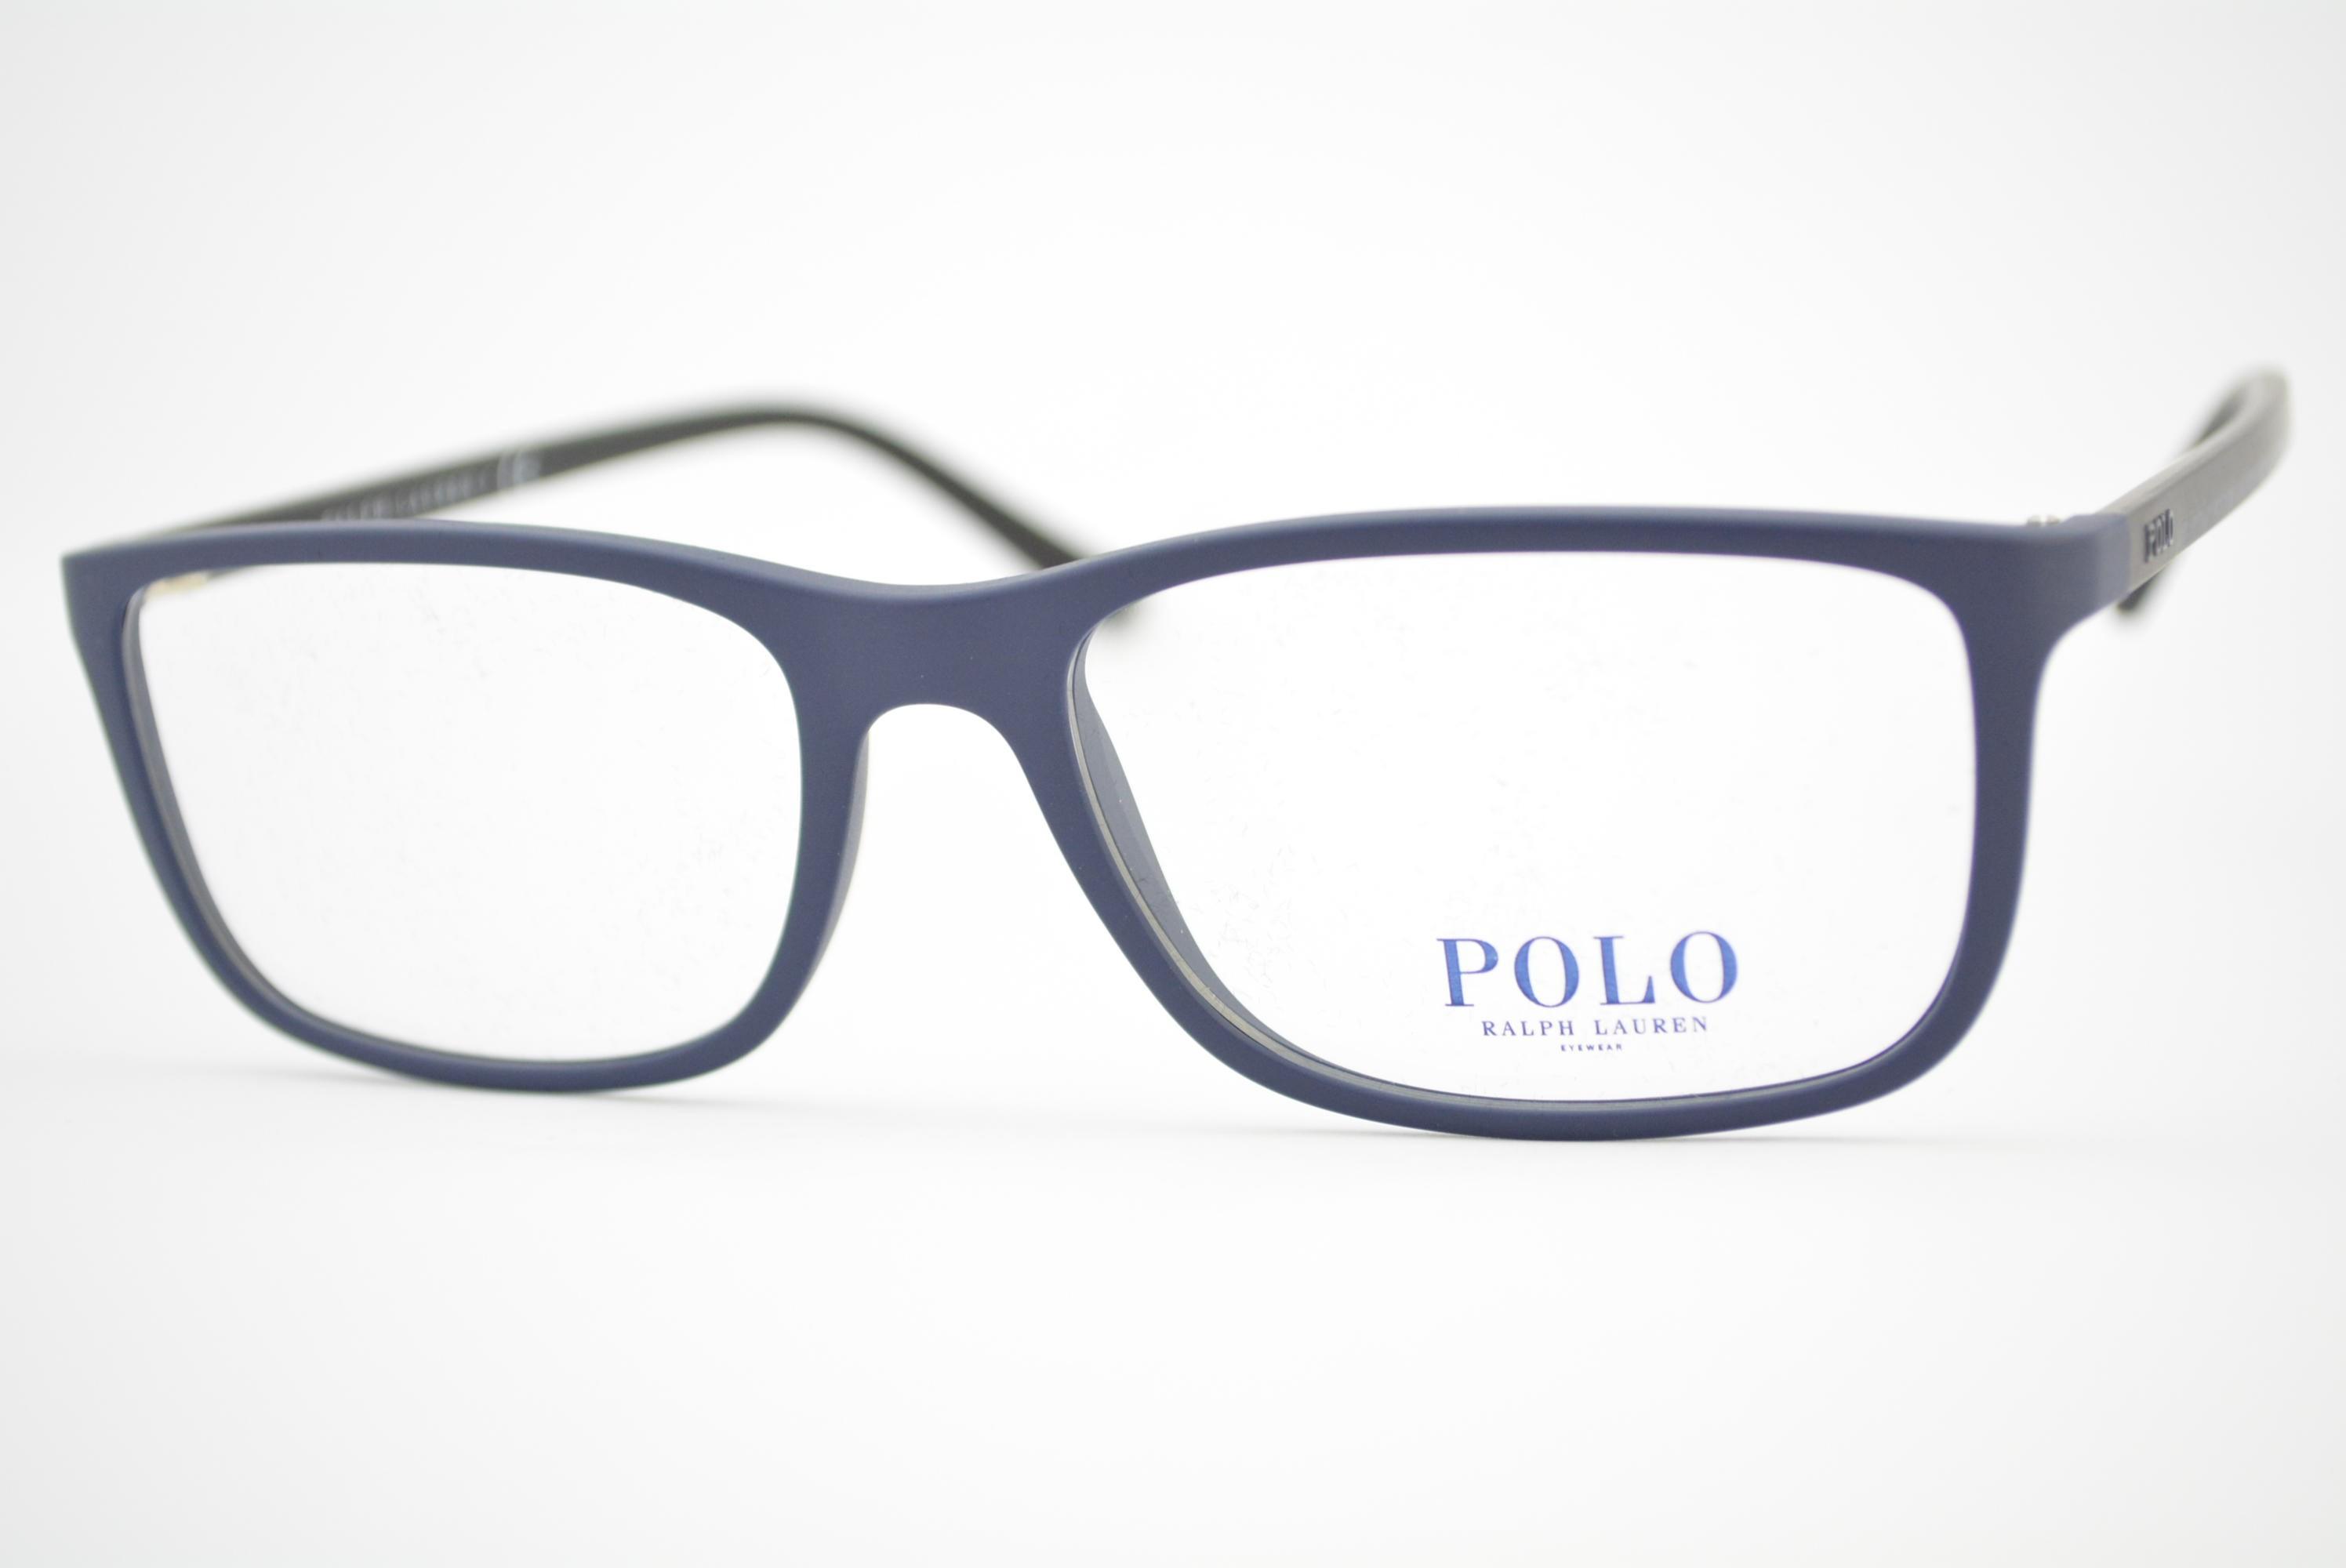 armação de óculos Polo Ralph Lauren mod ph2162 5605 Ótica Cardoso 0630785e8f